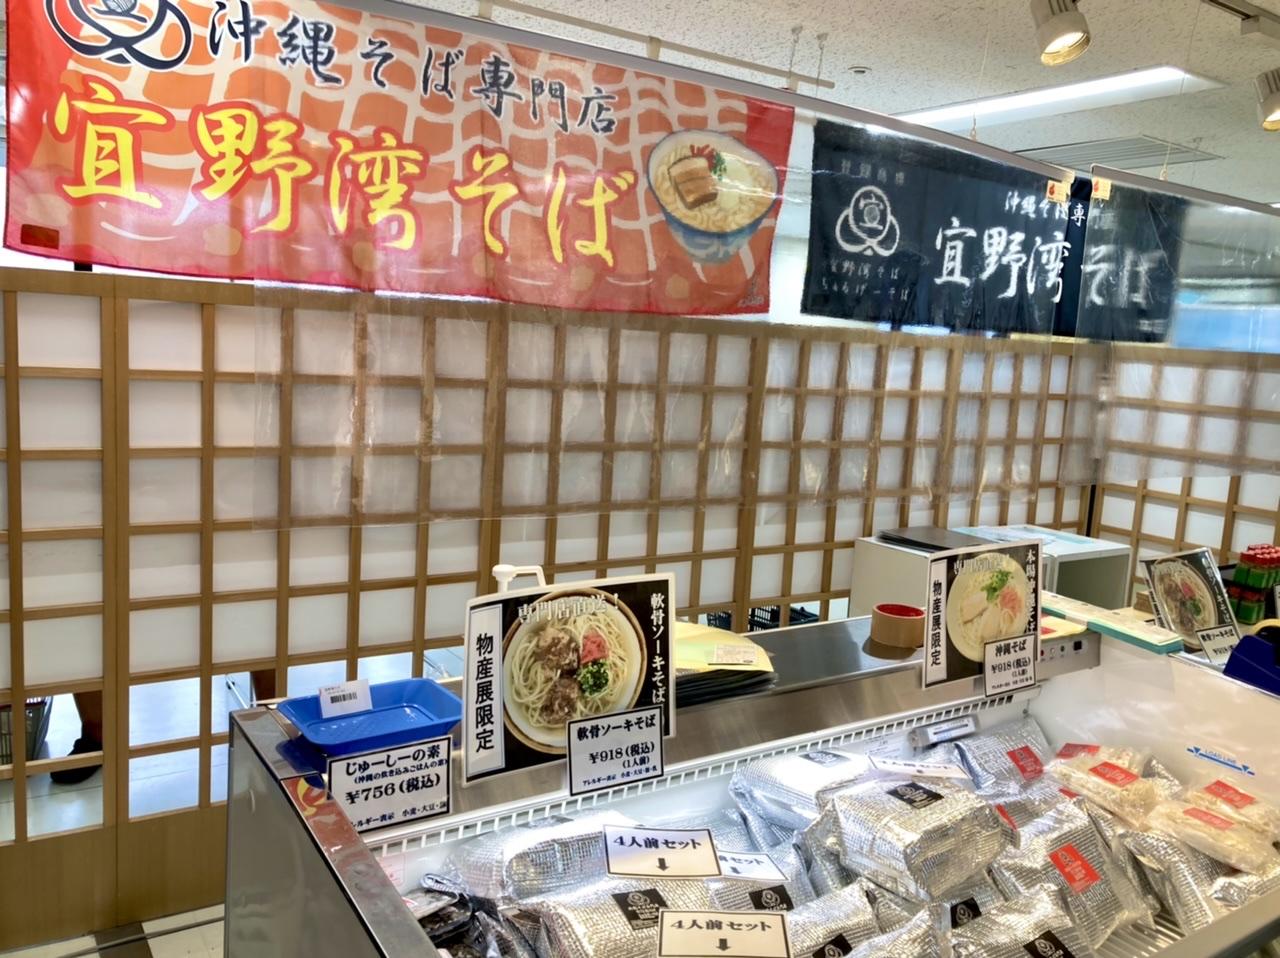 【沖縄物産展】東武池袋で開催している九州•沖縄物産展へ行ってきました。_2